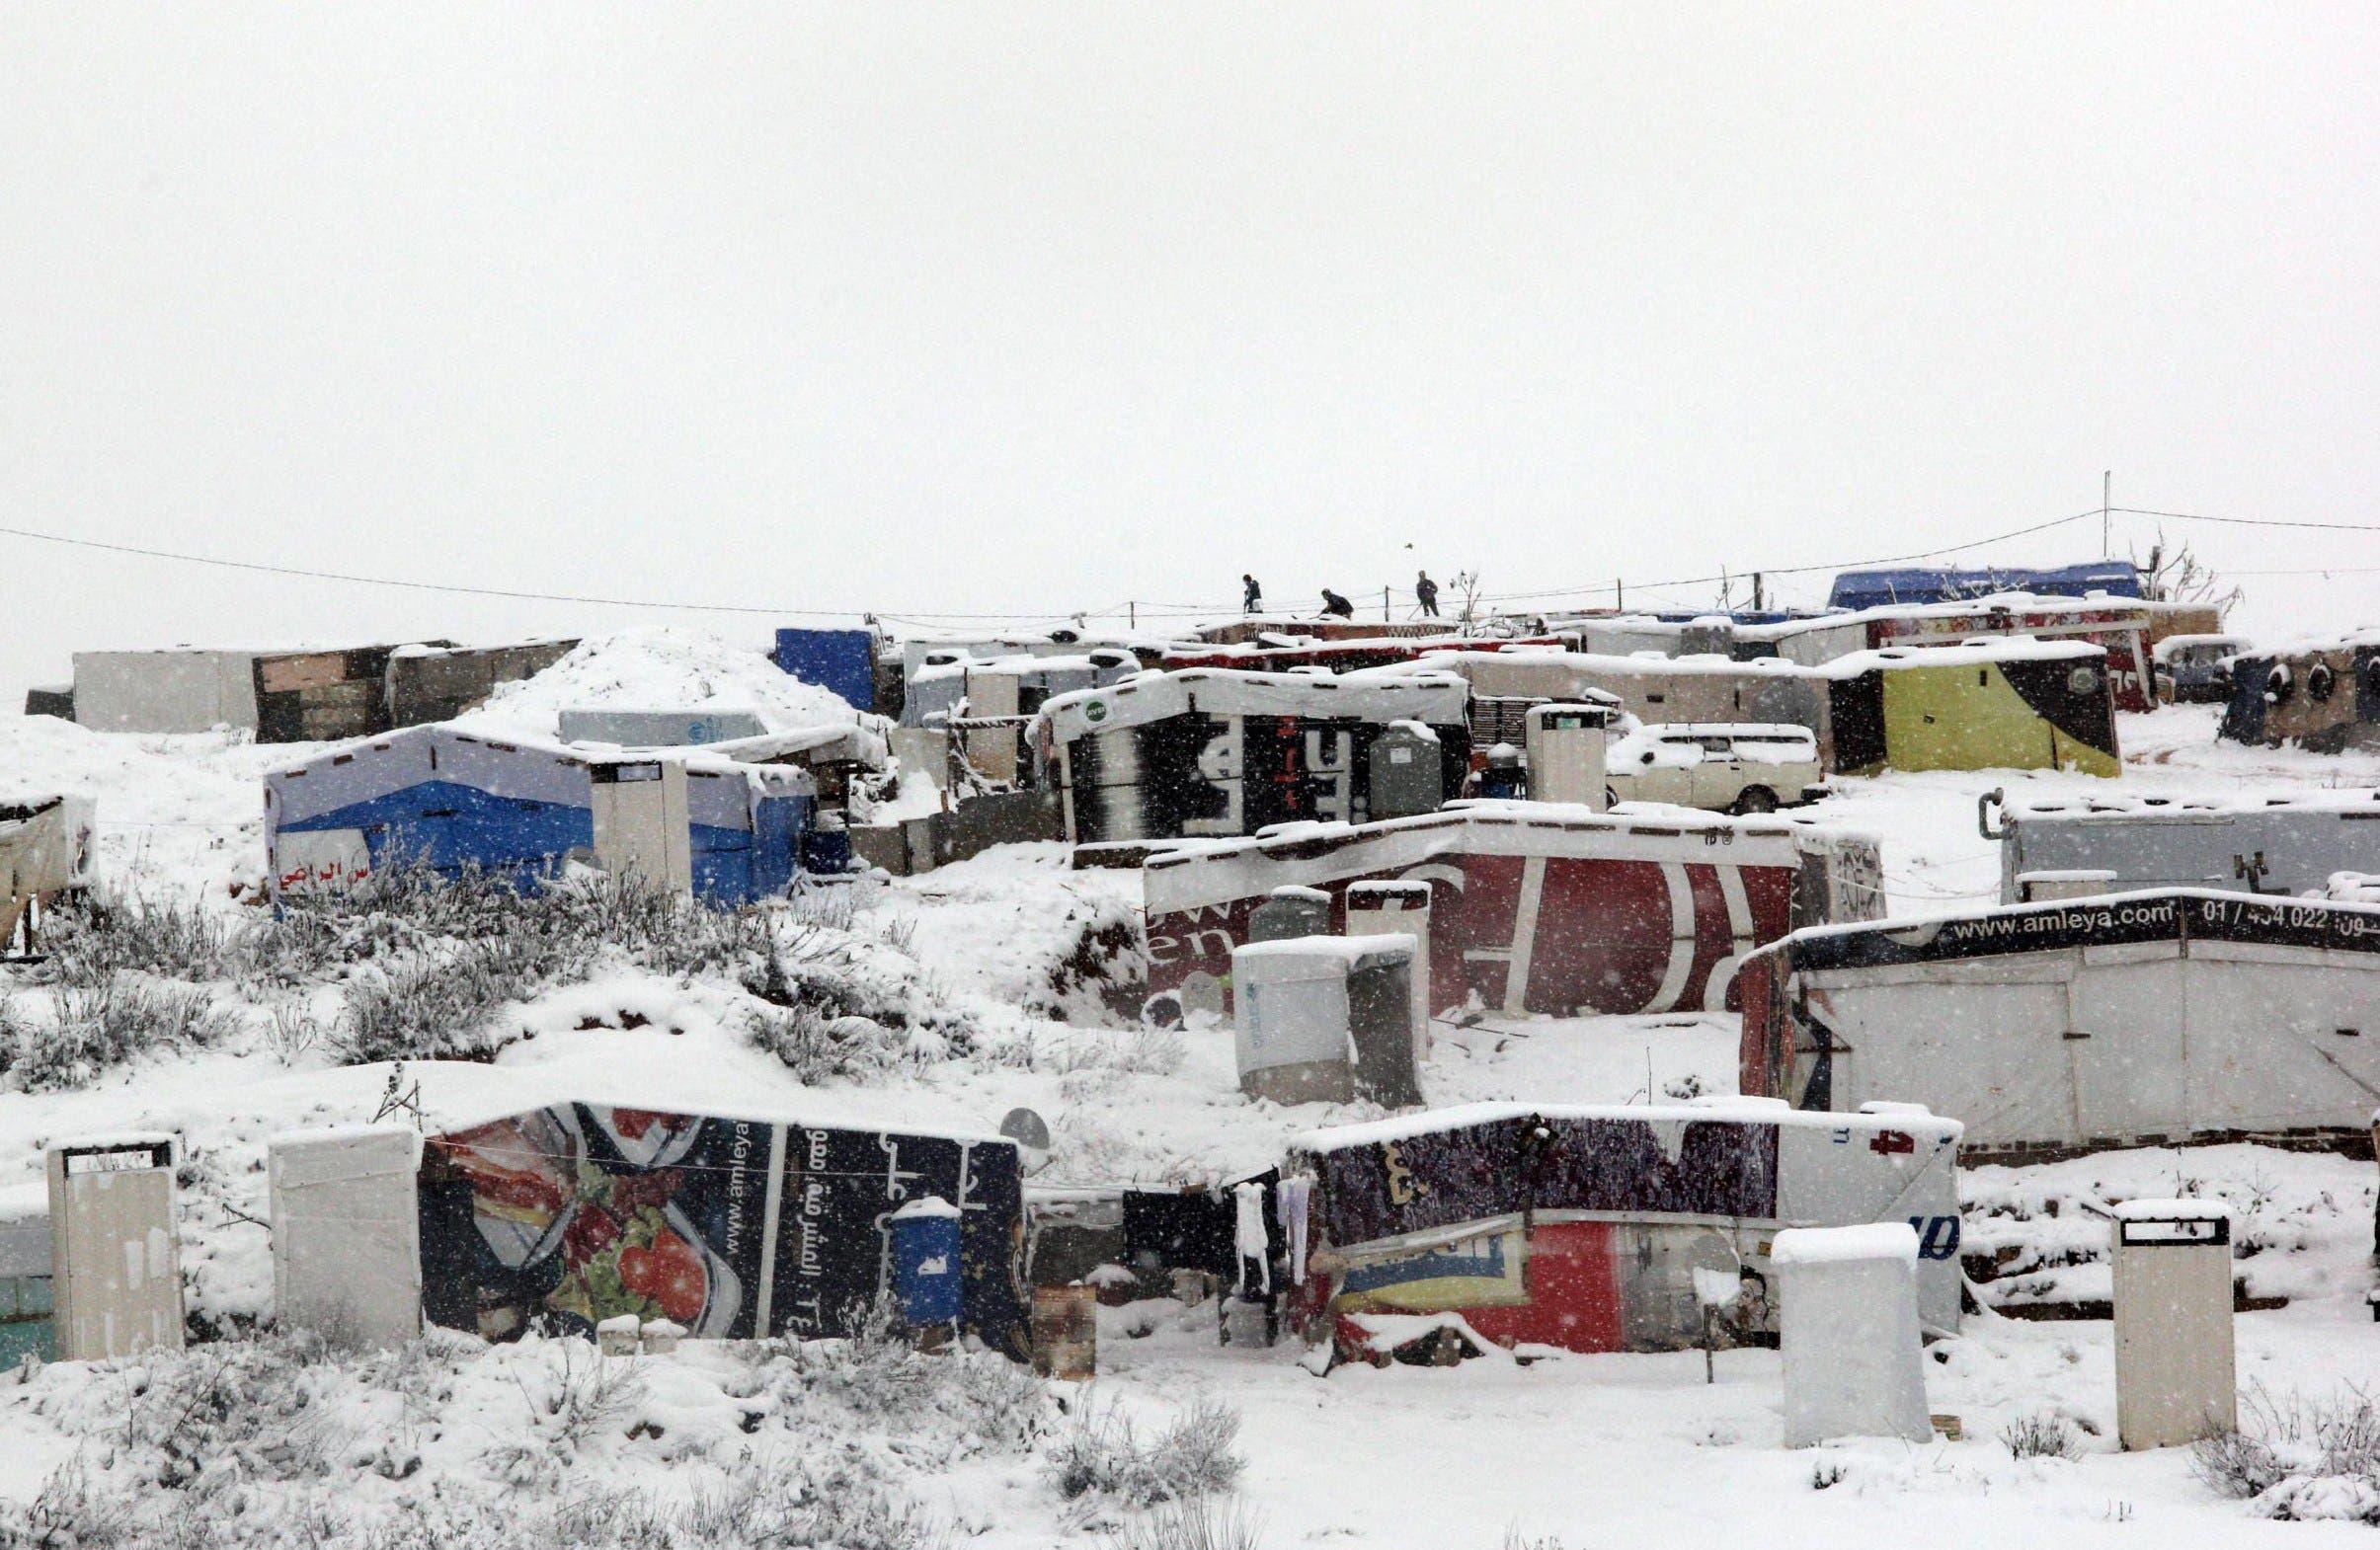 العاصفة الثلجية تجتاح خيام اللاجئين d54e8c02-63e3-424f-a330-4c6807bf1472.jpg